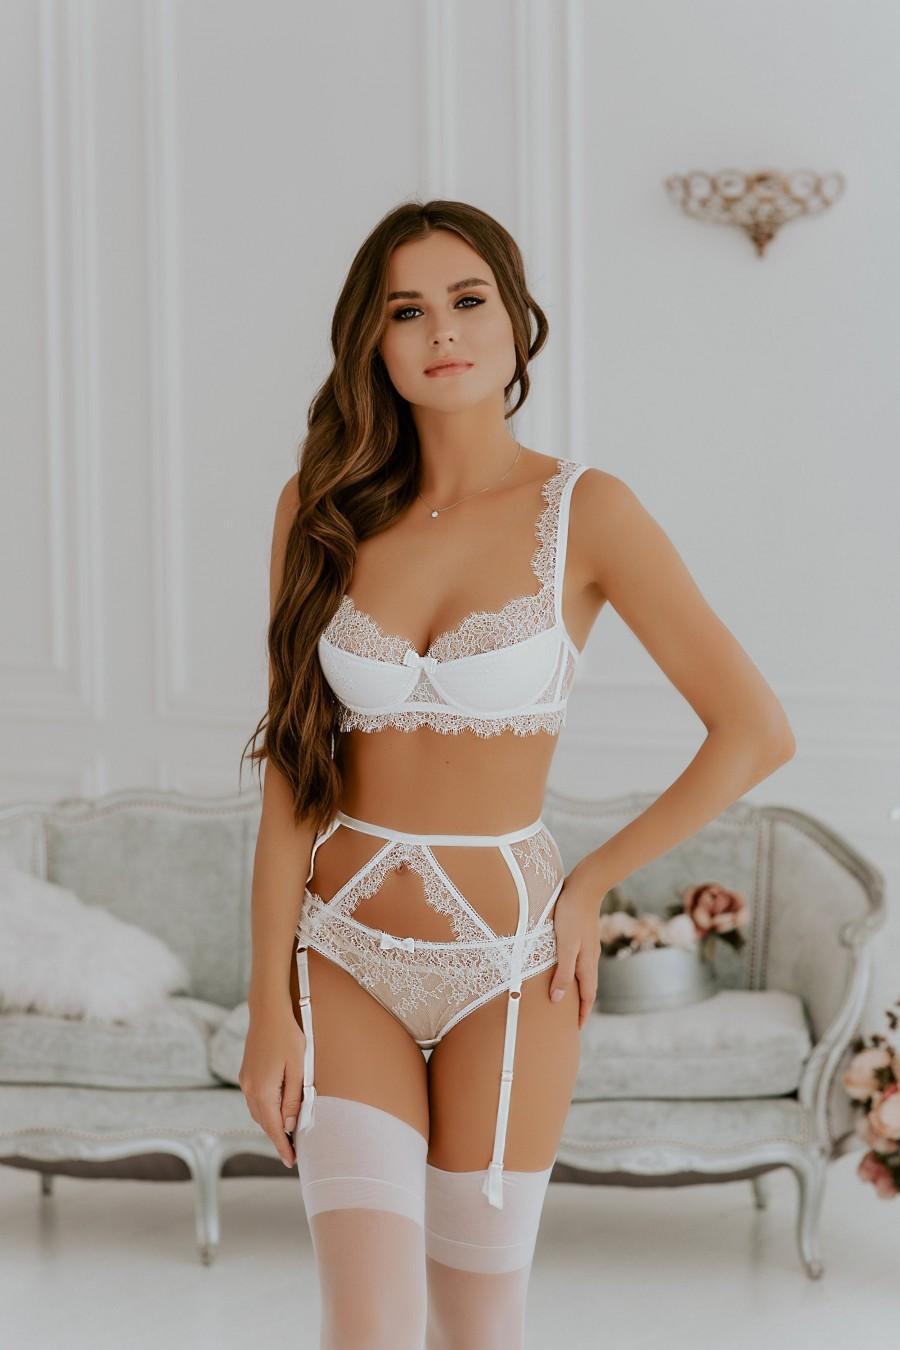 Wedding - Women lingerie set, Lingerie bridal, Lingerie set garter, Bridal lingerie set, White lingerie set, Lace lingerie, Sexy lingerie, Push up bra